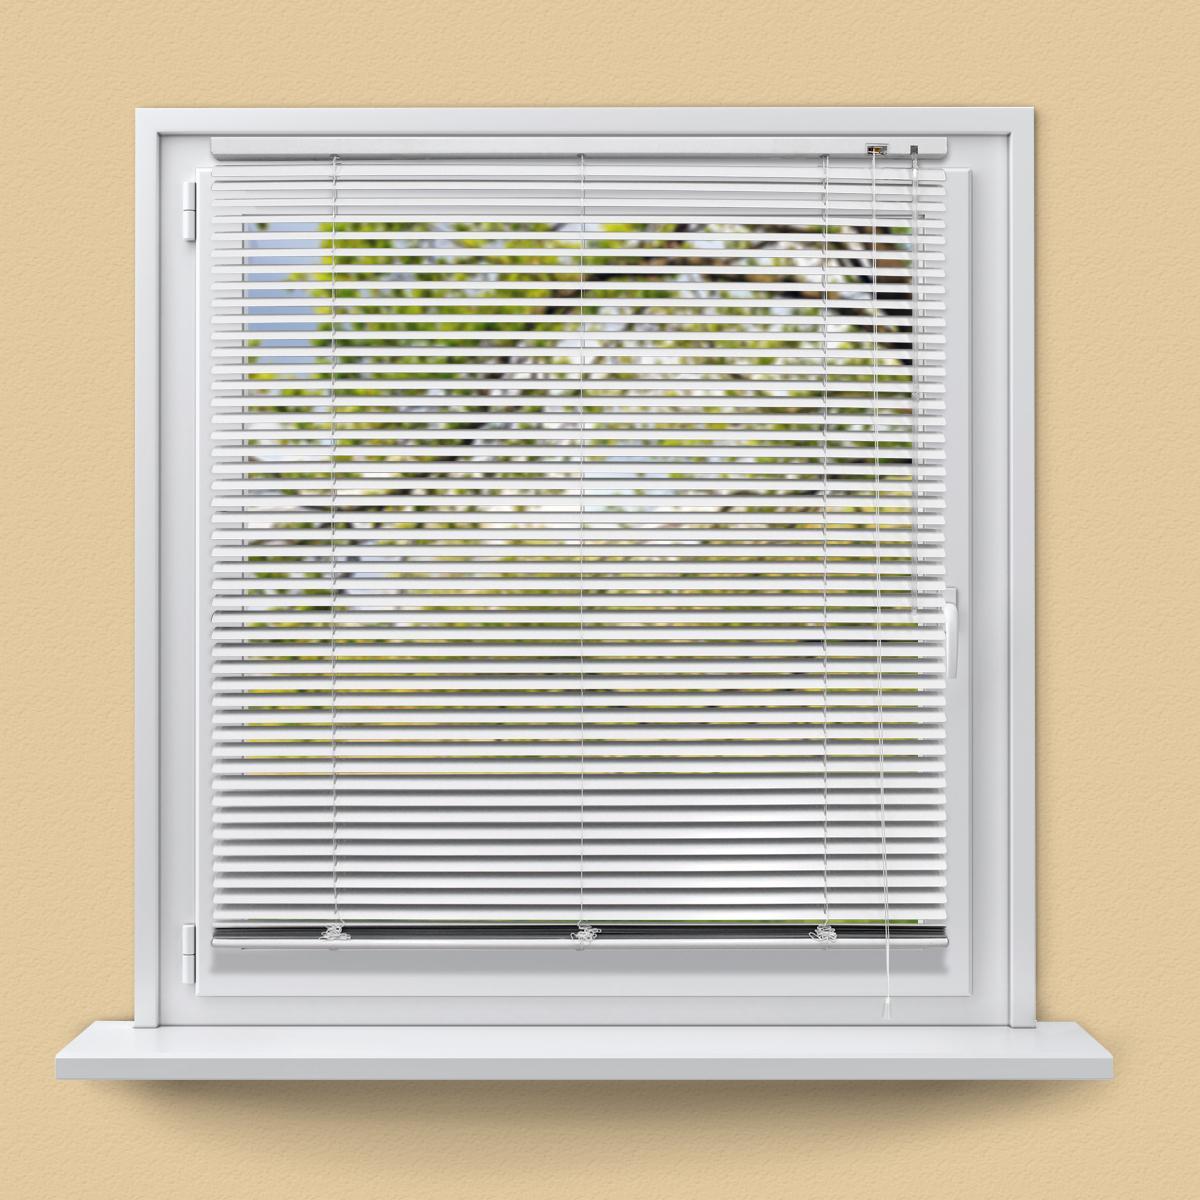 Ecd Germany ECD Germany Store Vénitien Aluminium 100 x 220 cm - Blanc - Ailettes en aluminium - Protection visible, légère et anti-é